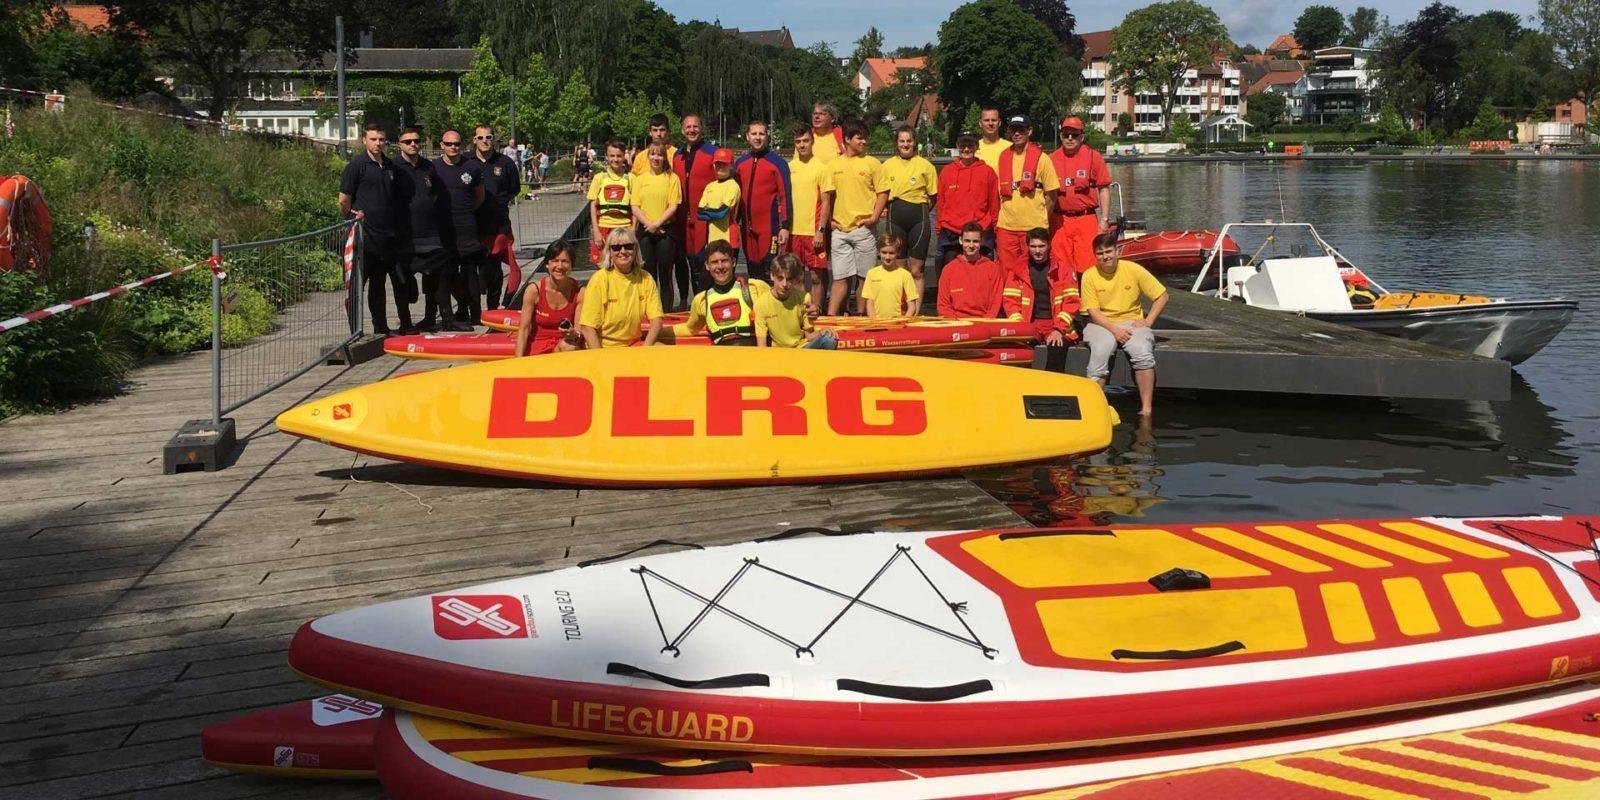 GTS-DLRG-Rettungsbretter-Lifeguard